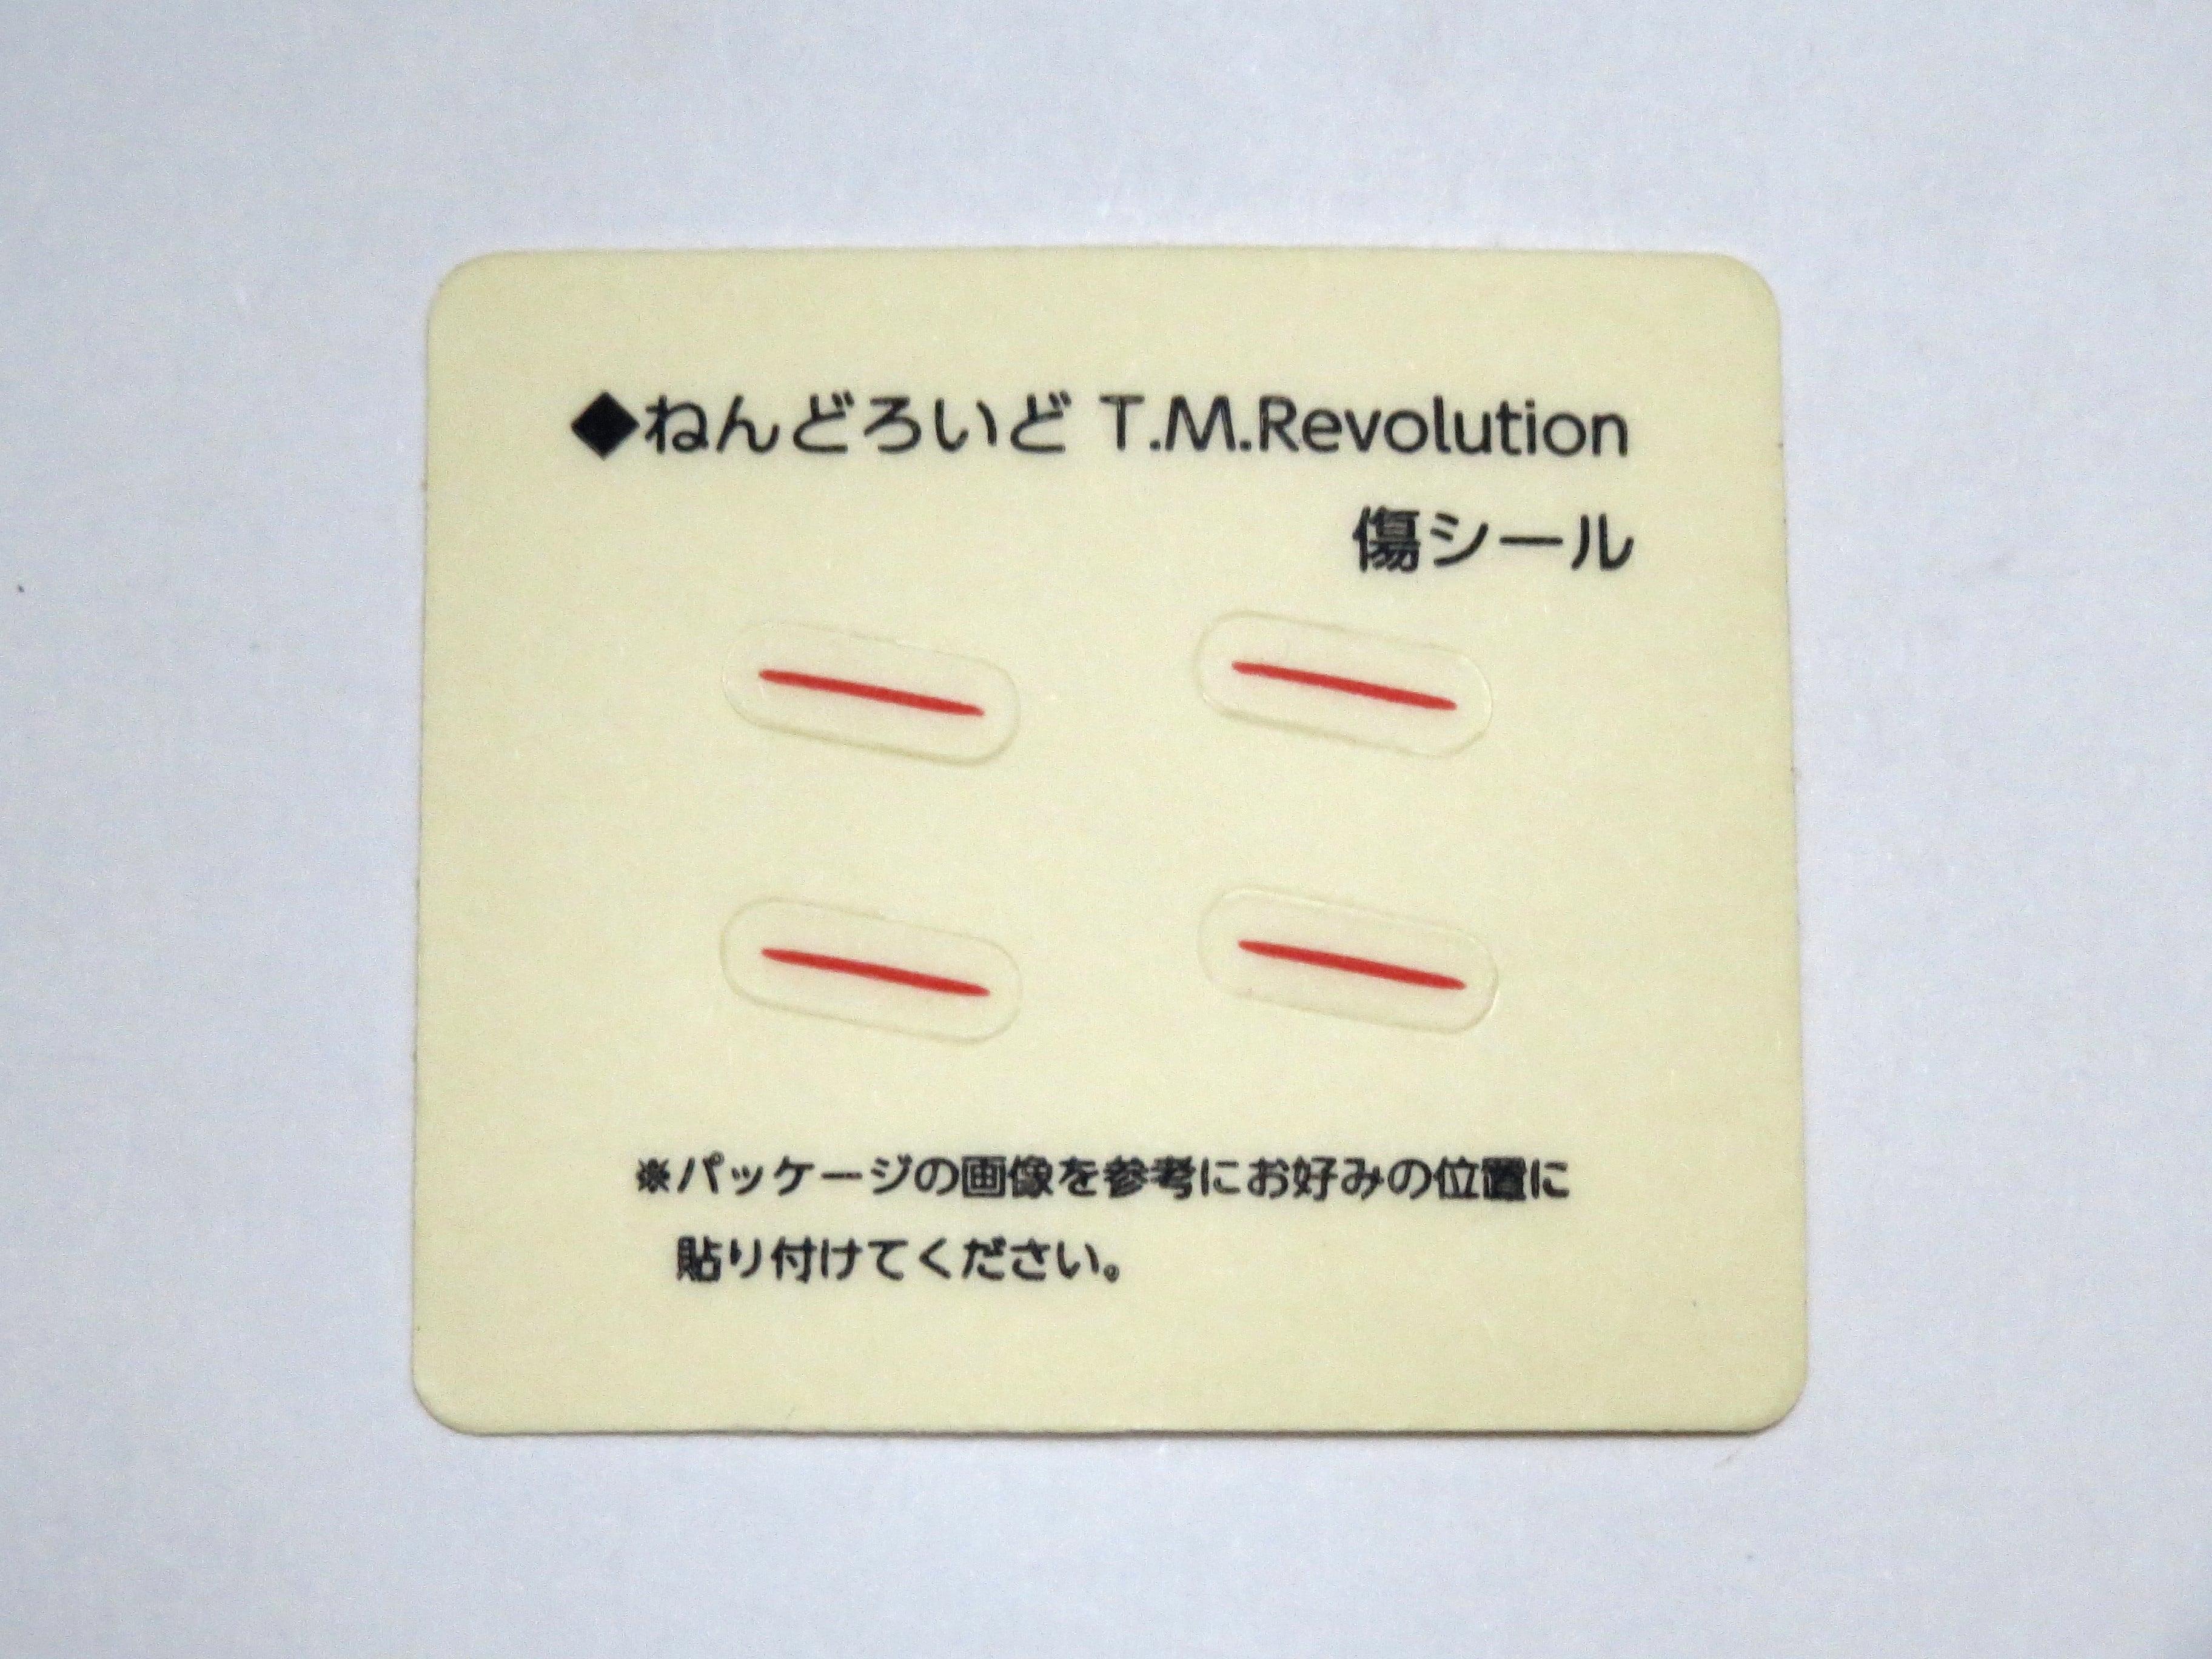 【369】 T.M.Revolution 西川貴教 小物パーツ 傷シール ねんどろいど